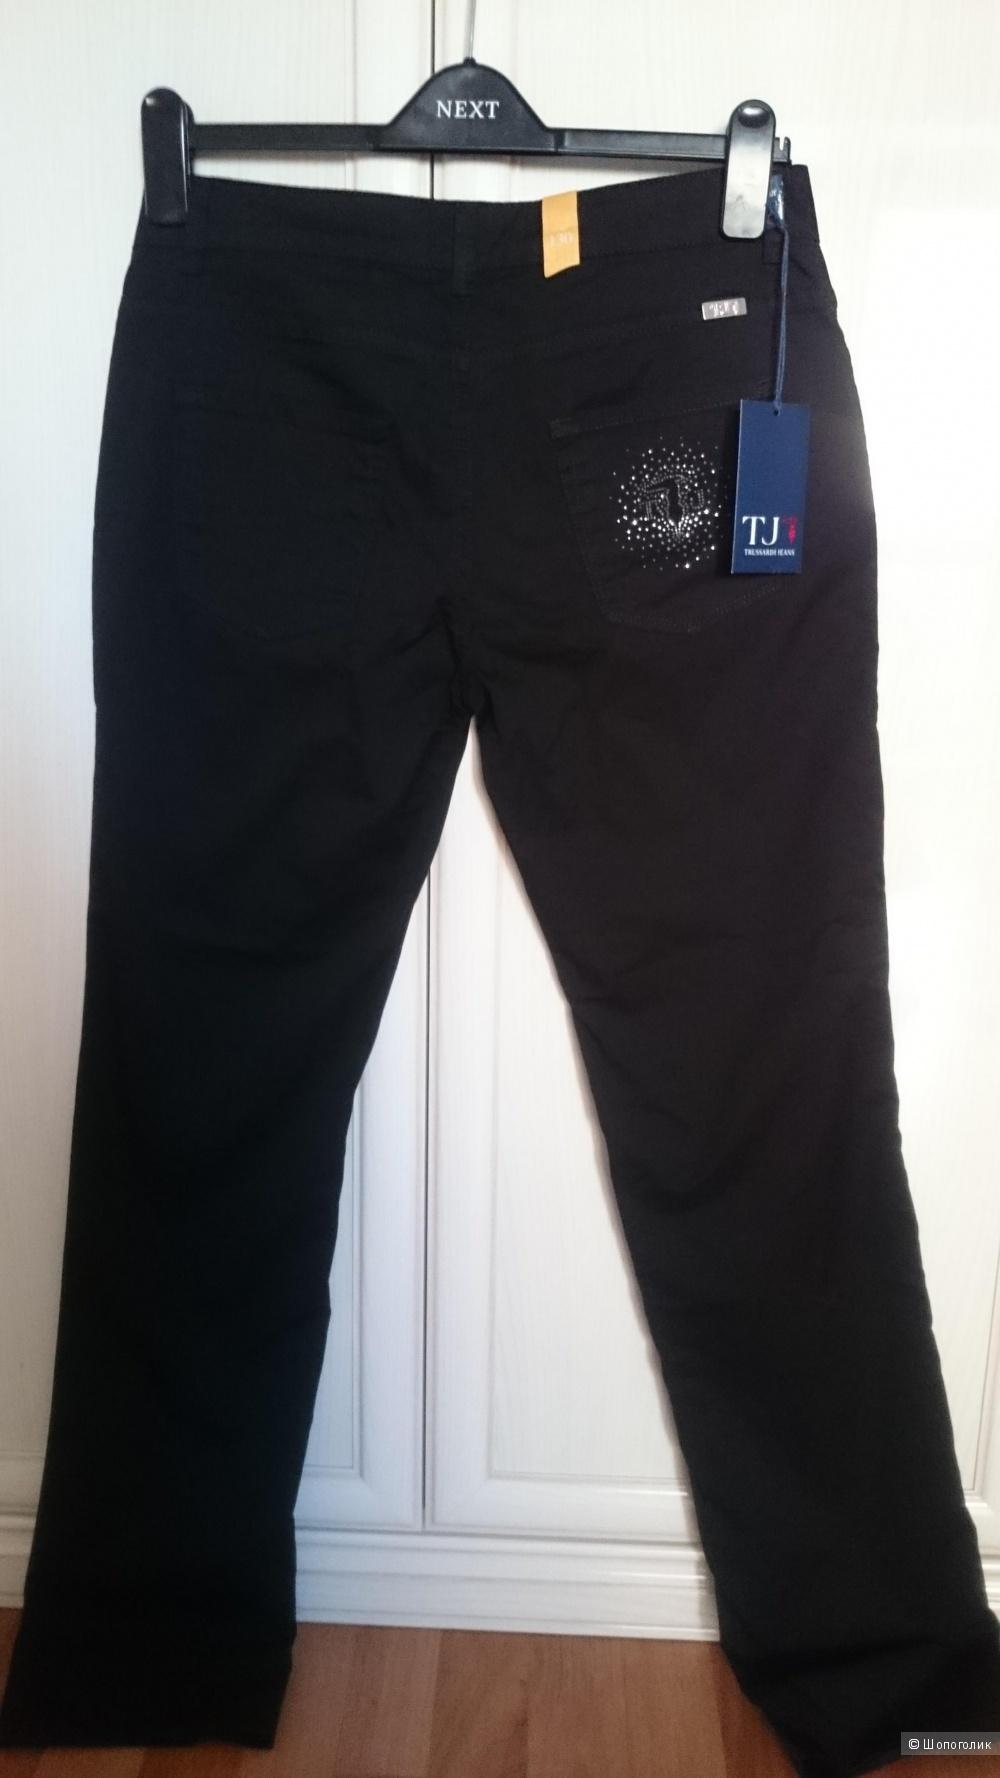 Джинсовые брюки Trussardi,  размер 30